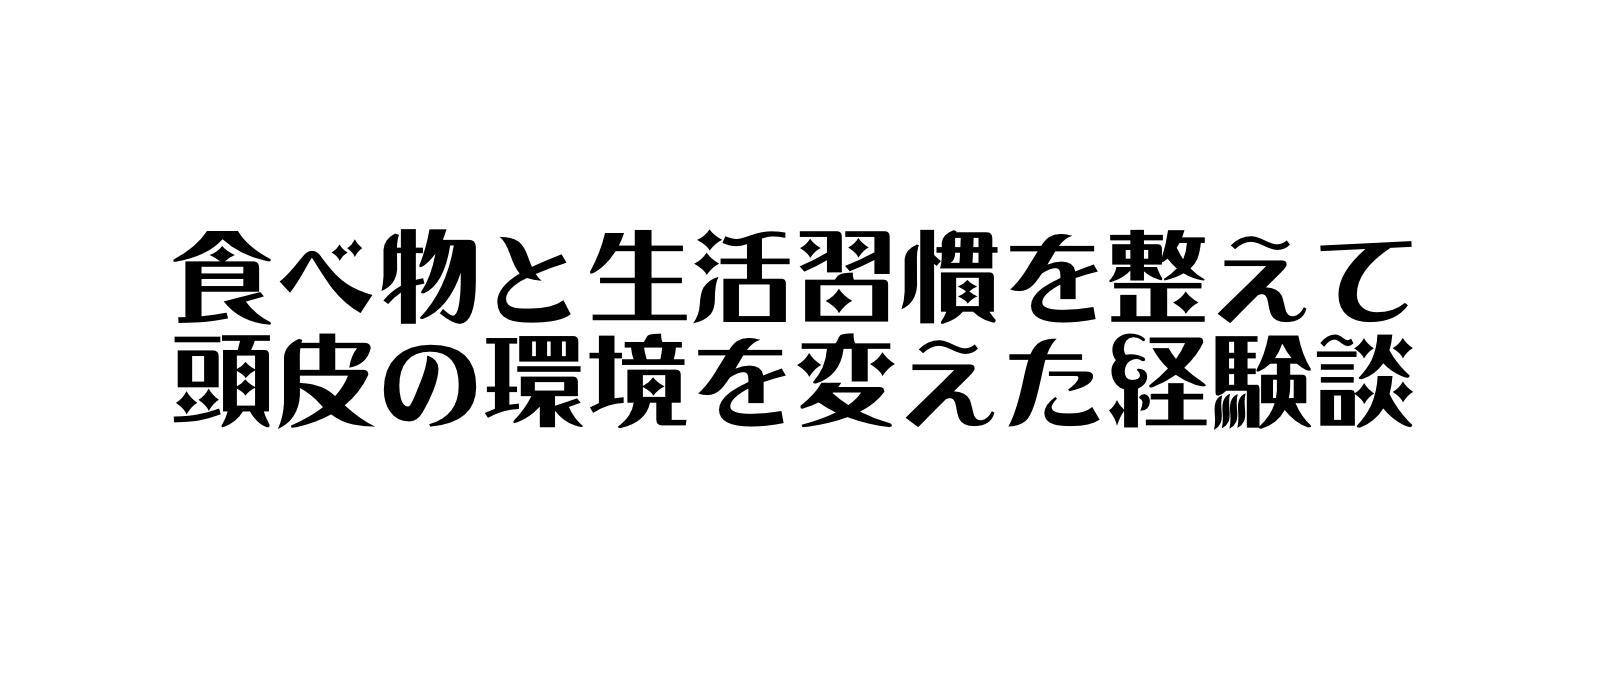 スクリーンショット 2019-08-13 20.09.49